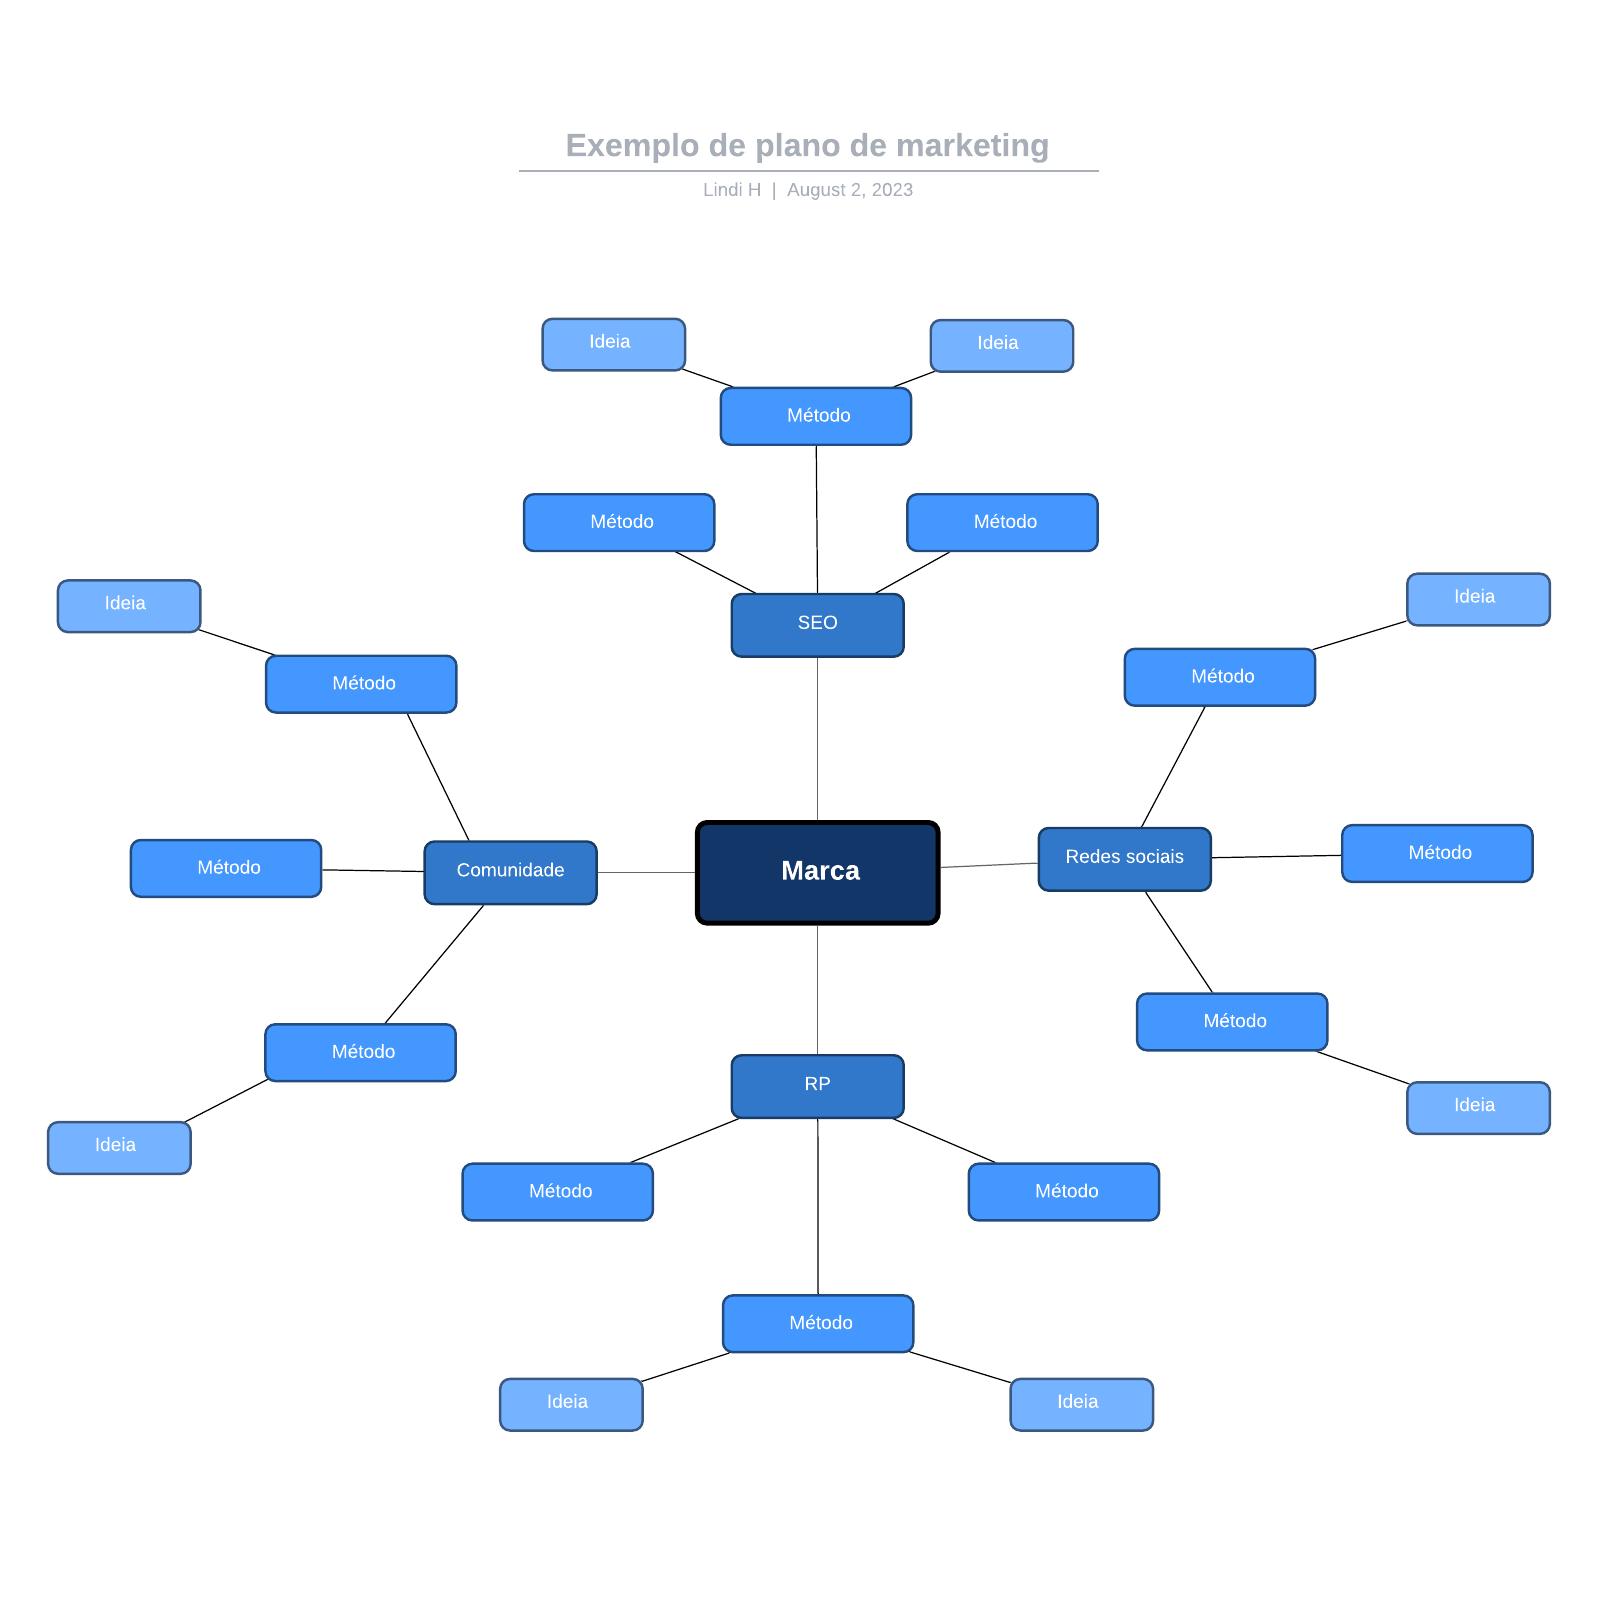 Exemplo de plano de marketing